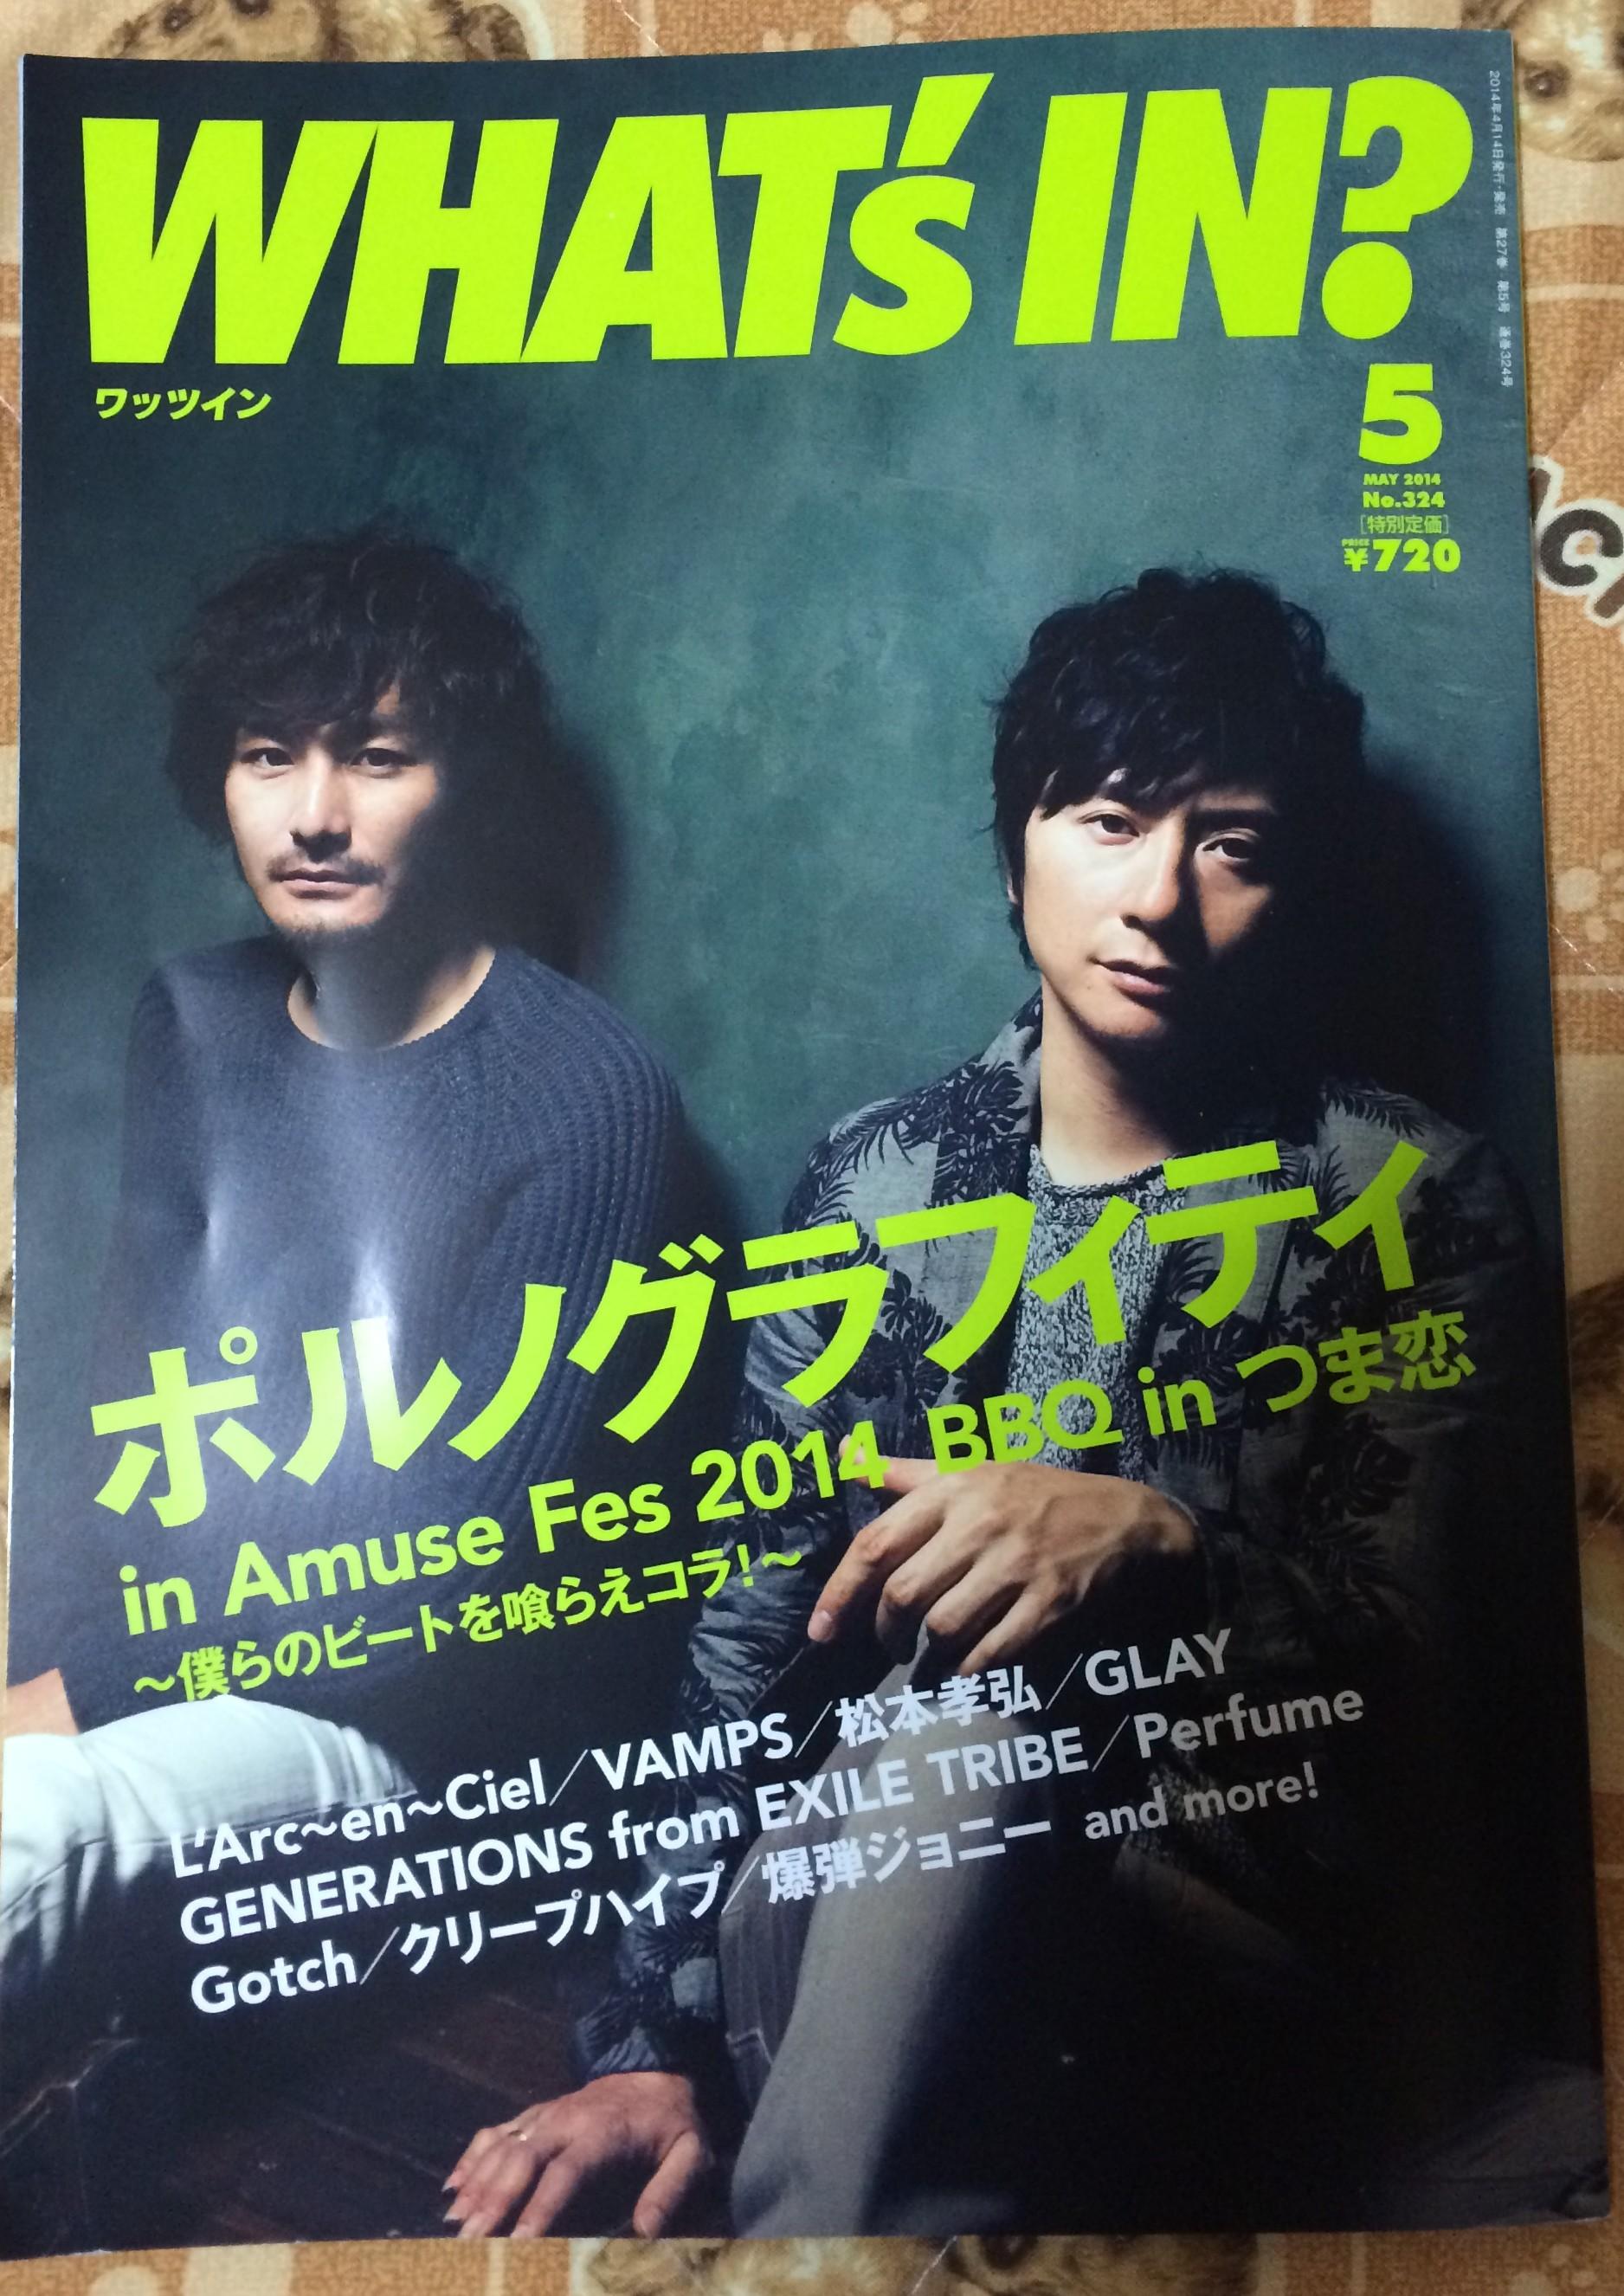 Tak Matsumotoインタビュー掲載「WHAT's IN?」購入しました!